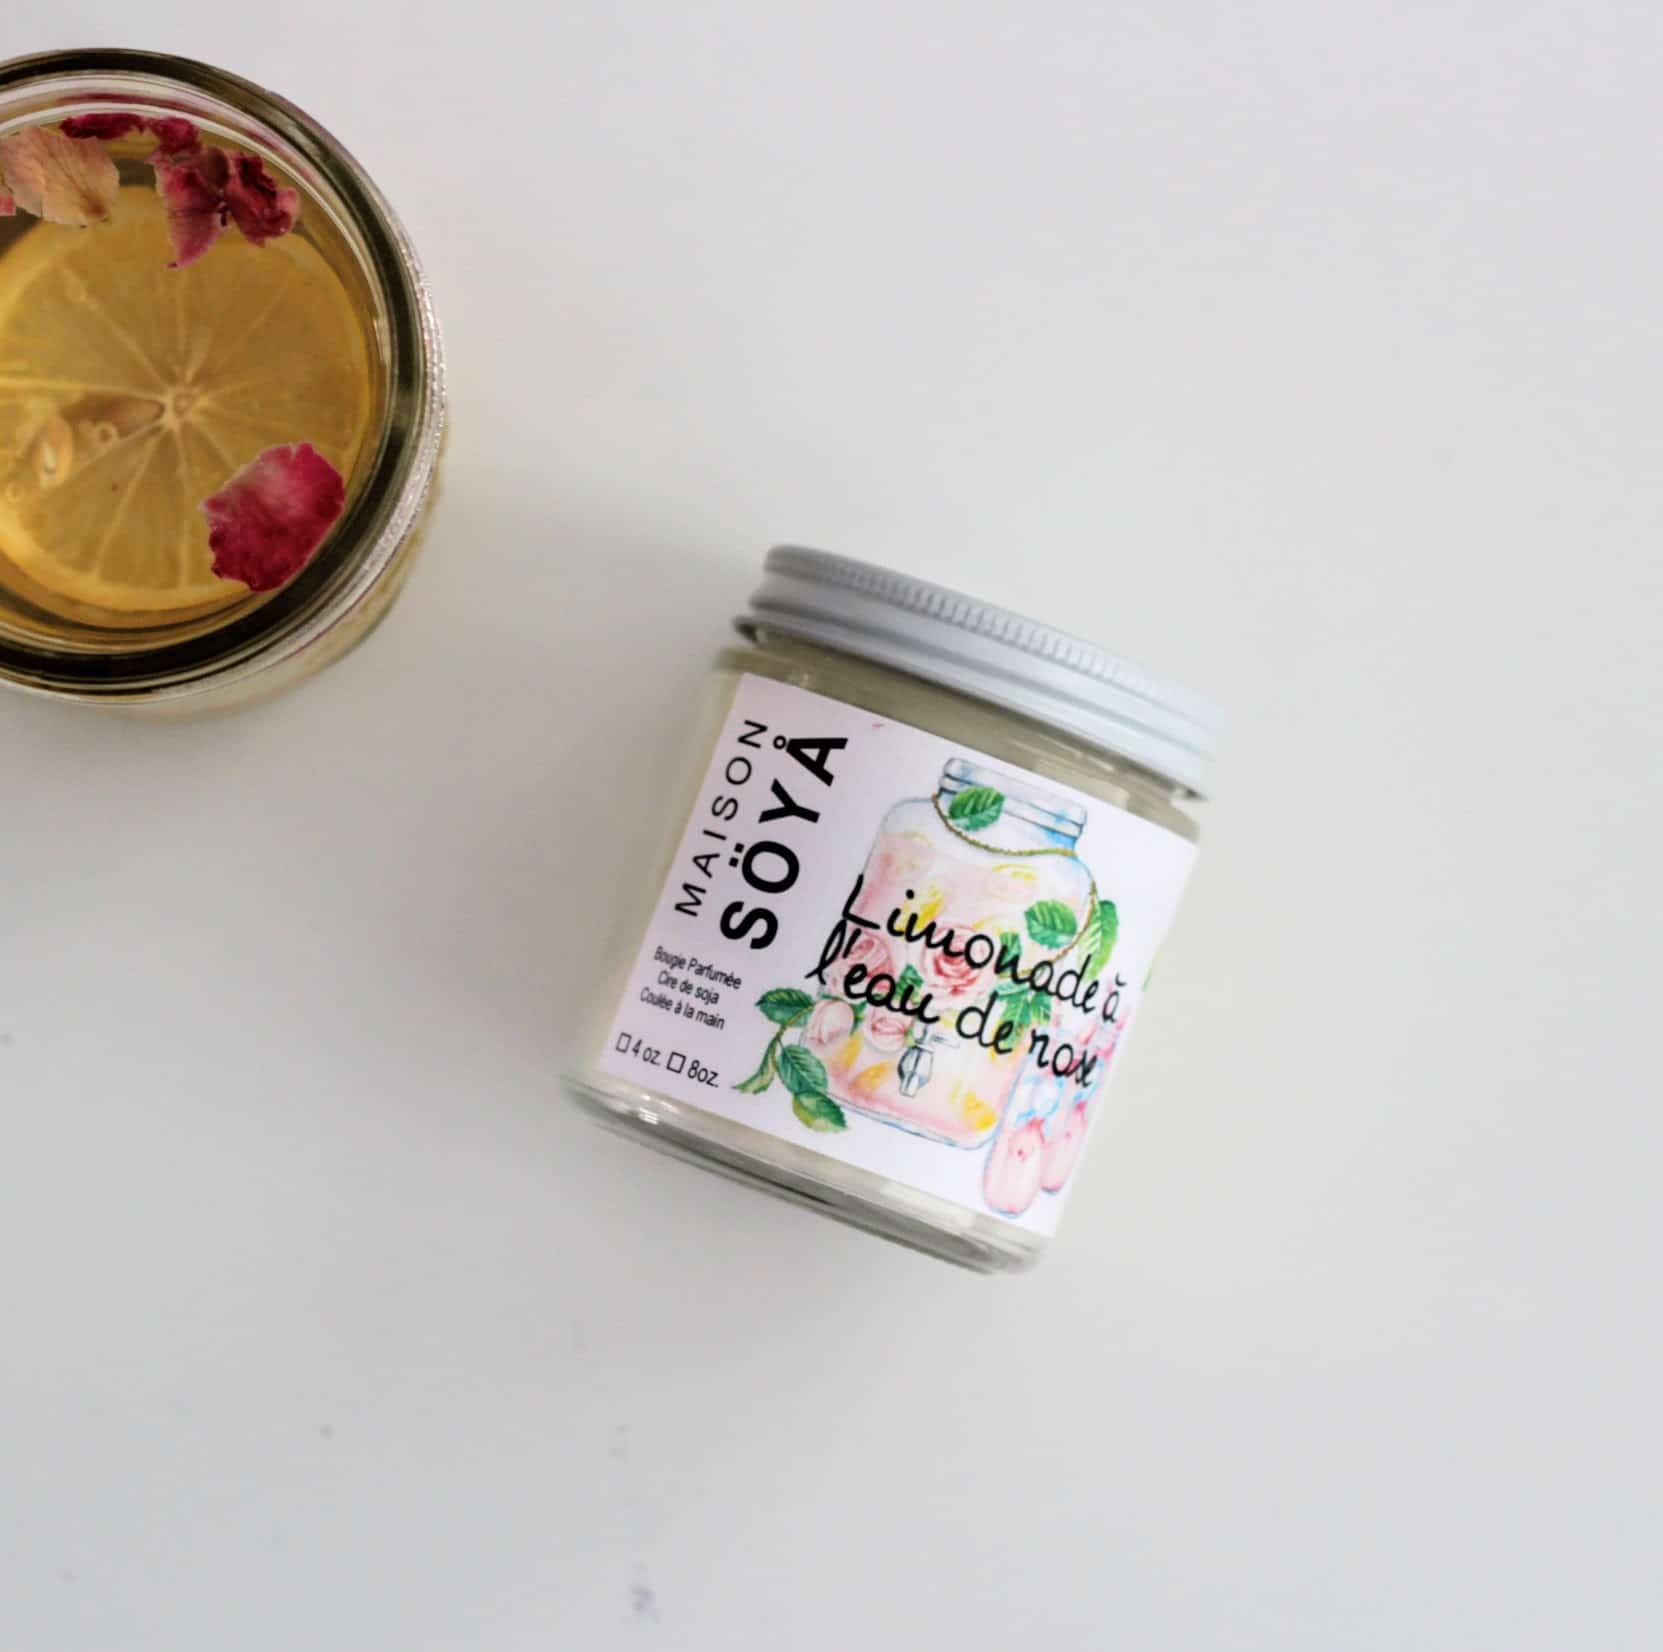 Bougie de soja – Limonade à l'eau de rose